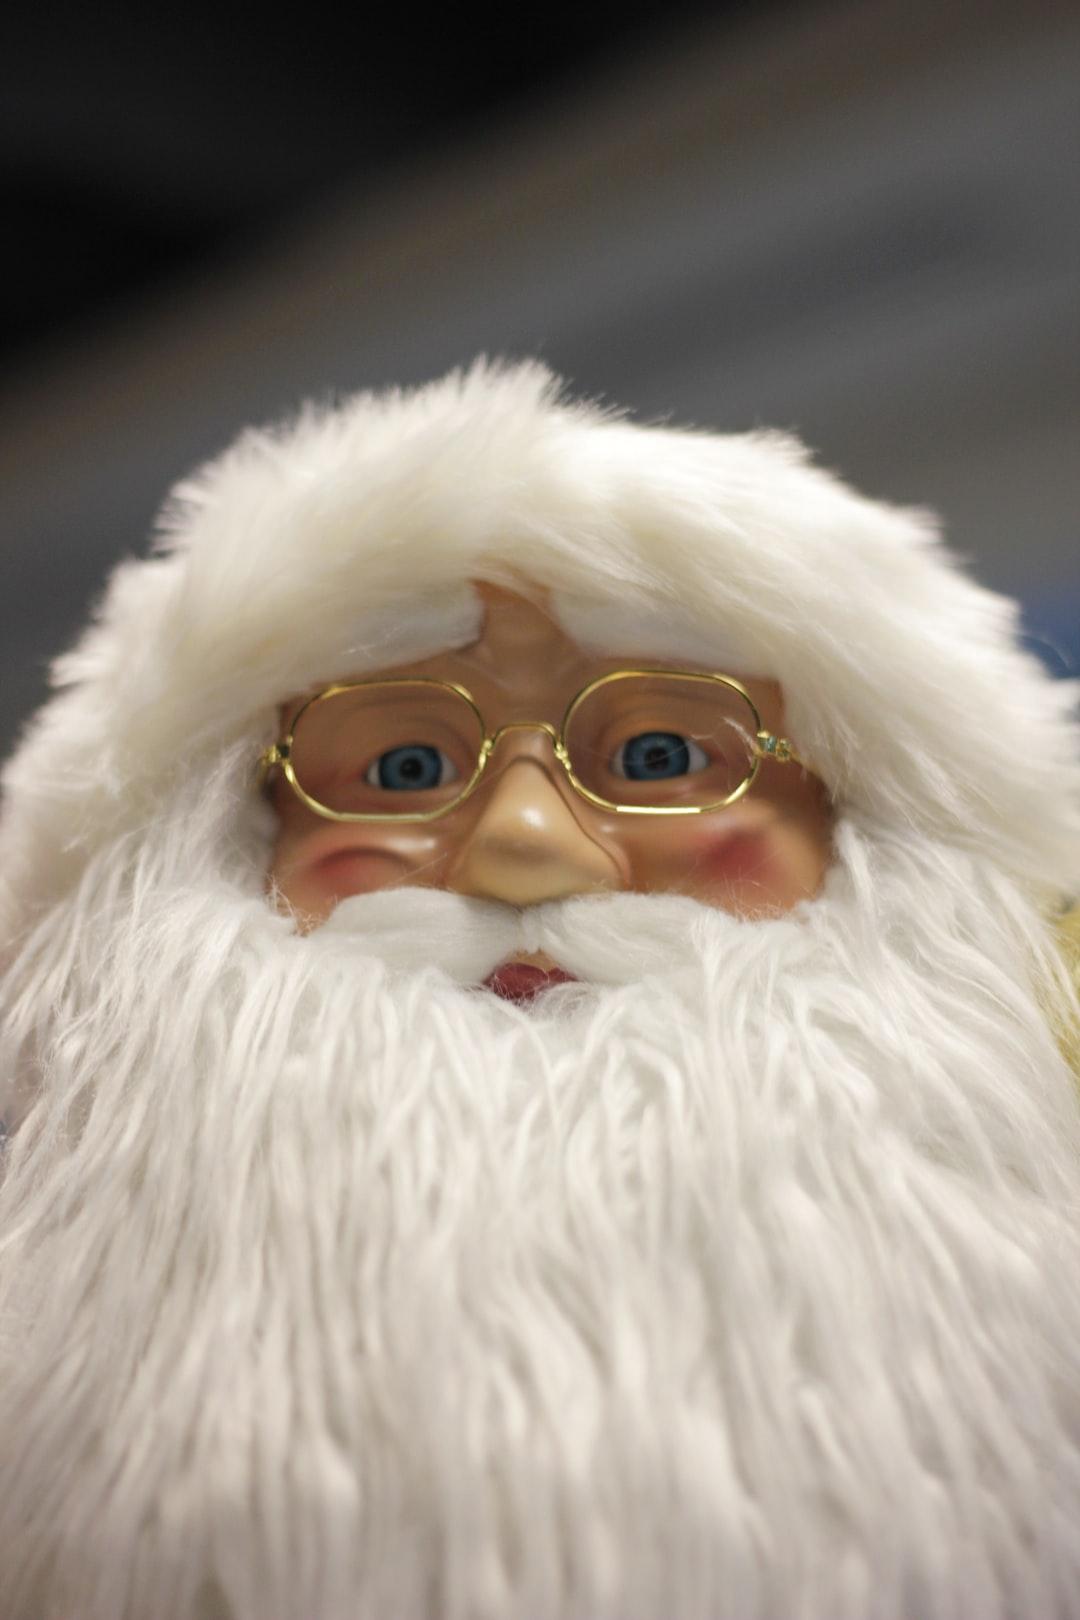 Santa is looking at you behind his eyeglasses.